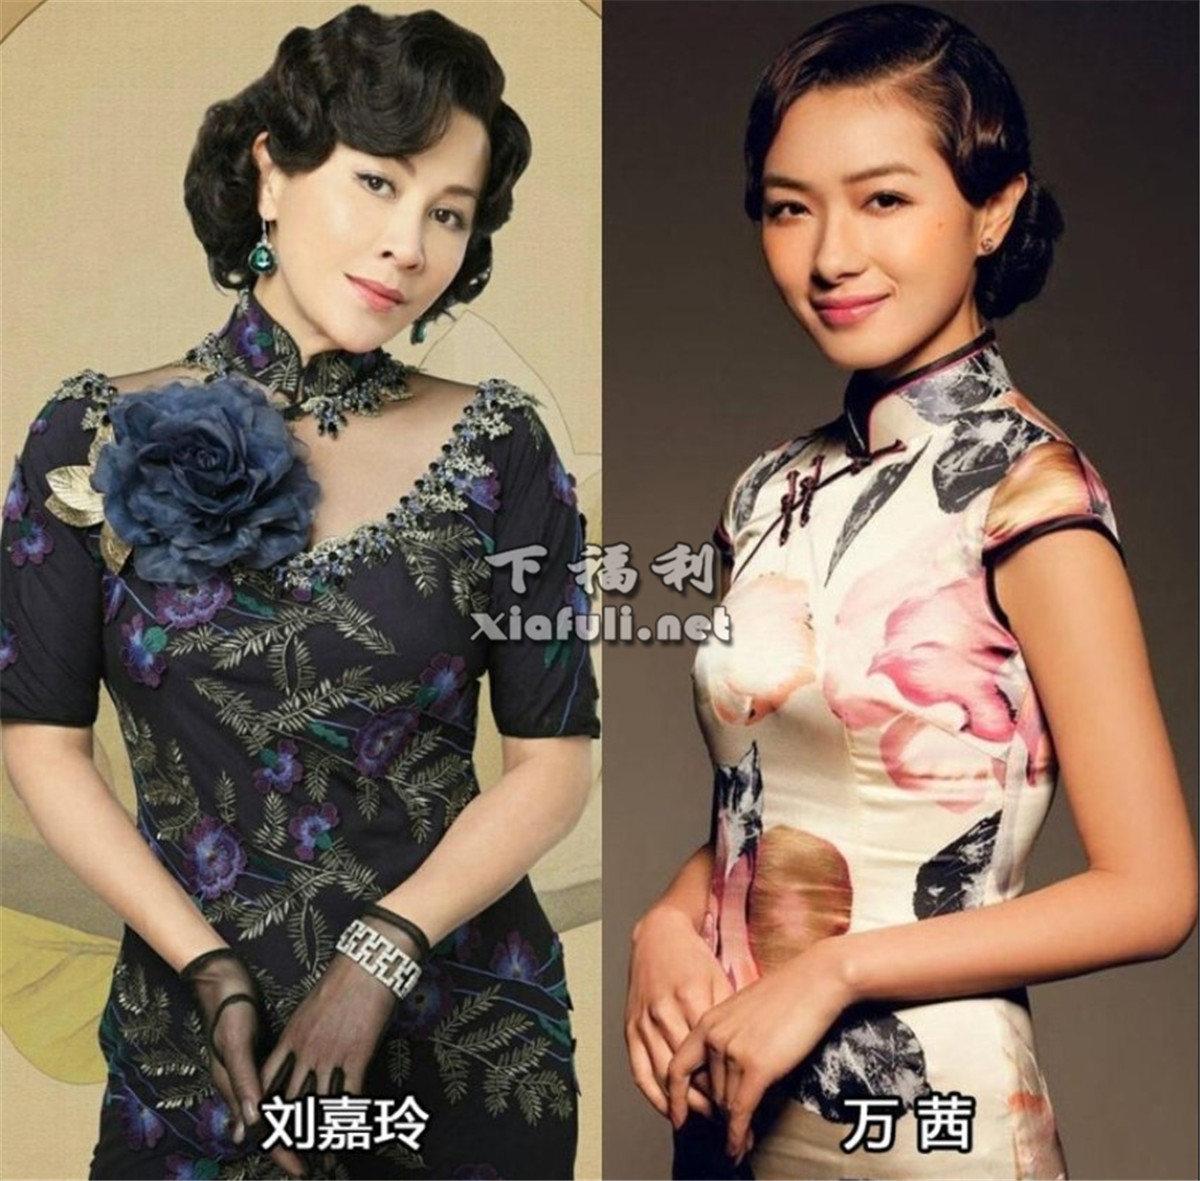 当娱乐圈女星穿上旗袍,你觉得谁最好看 ?插图15